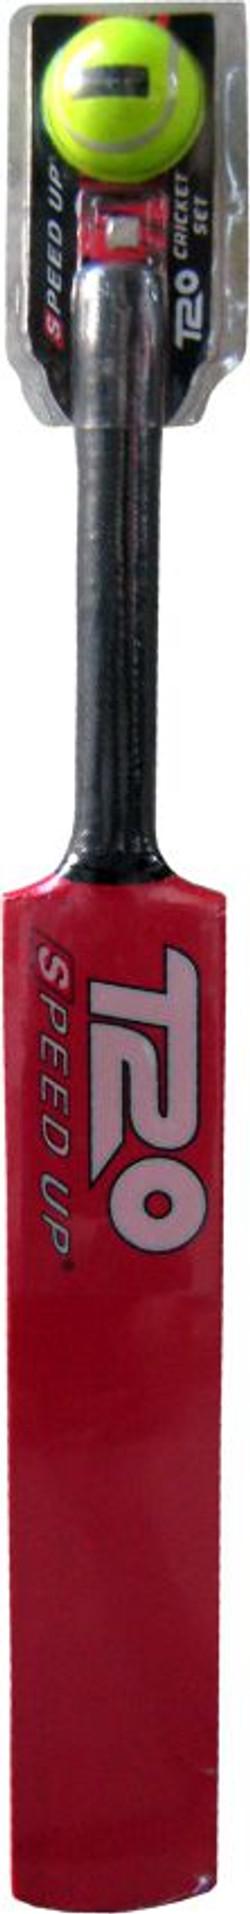 2168 T20 CRICKET BAT & BALL RED